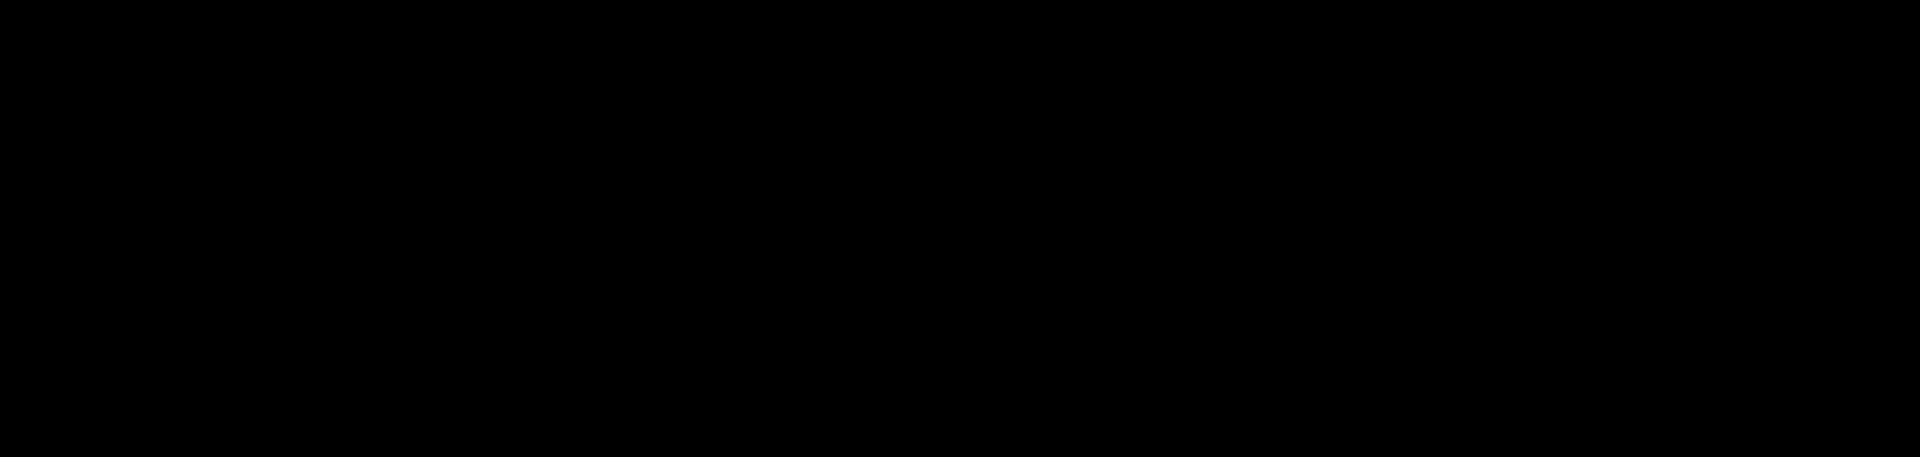 Signature flore